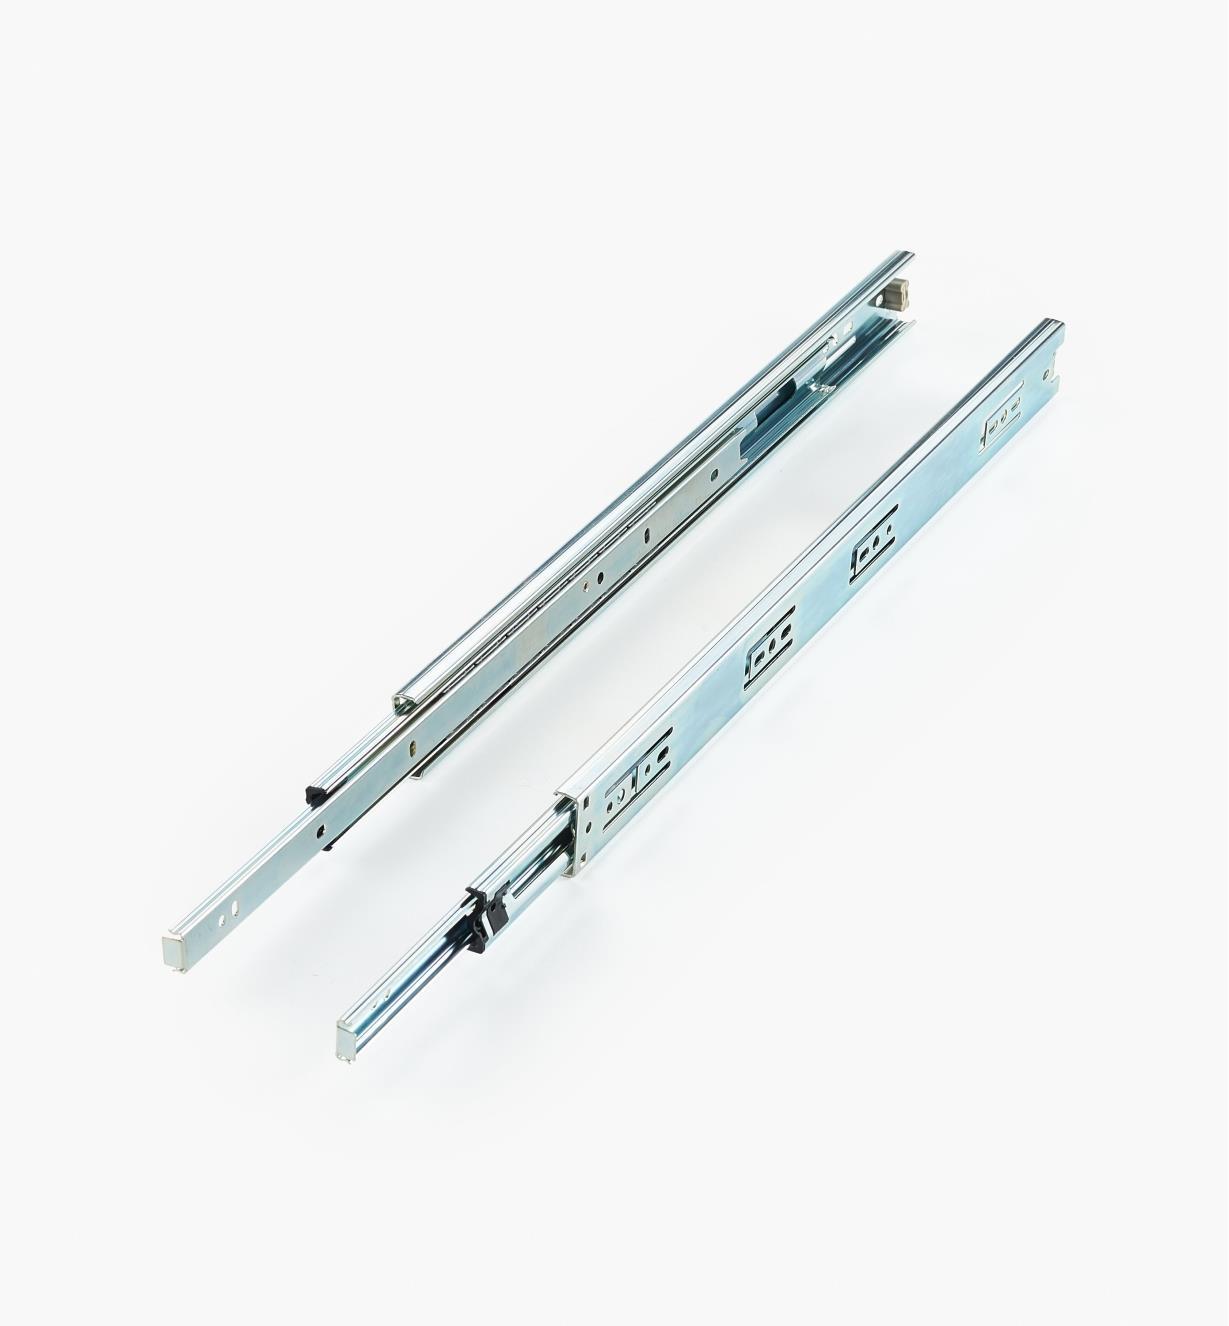 02K4218 - Coulisses de 18po à extension complète pour charge de 75lb, la paire